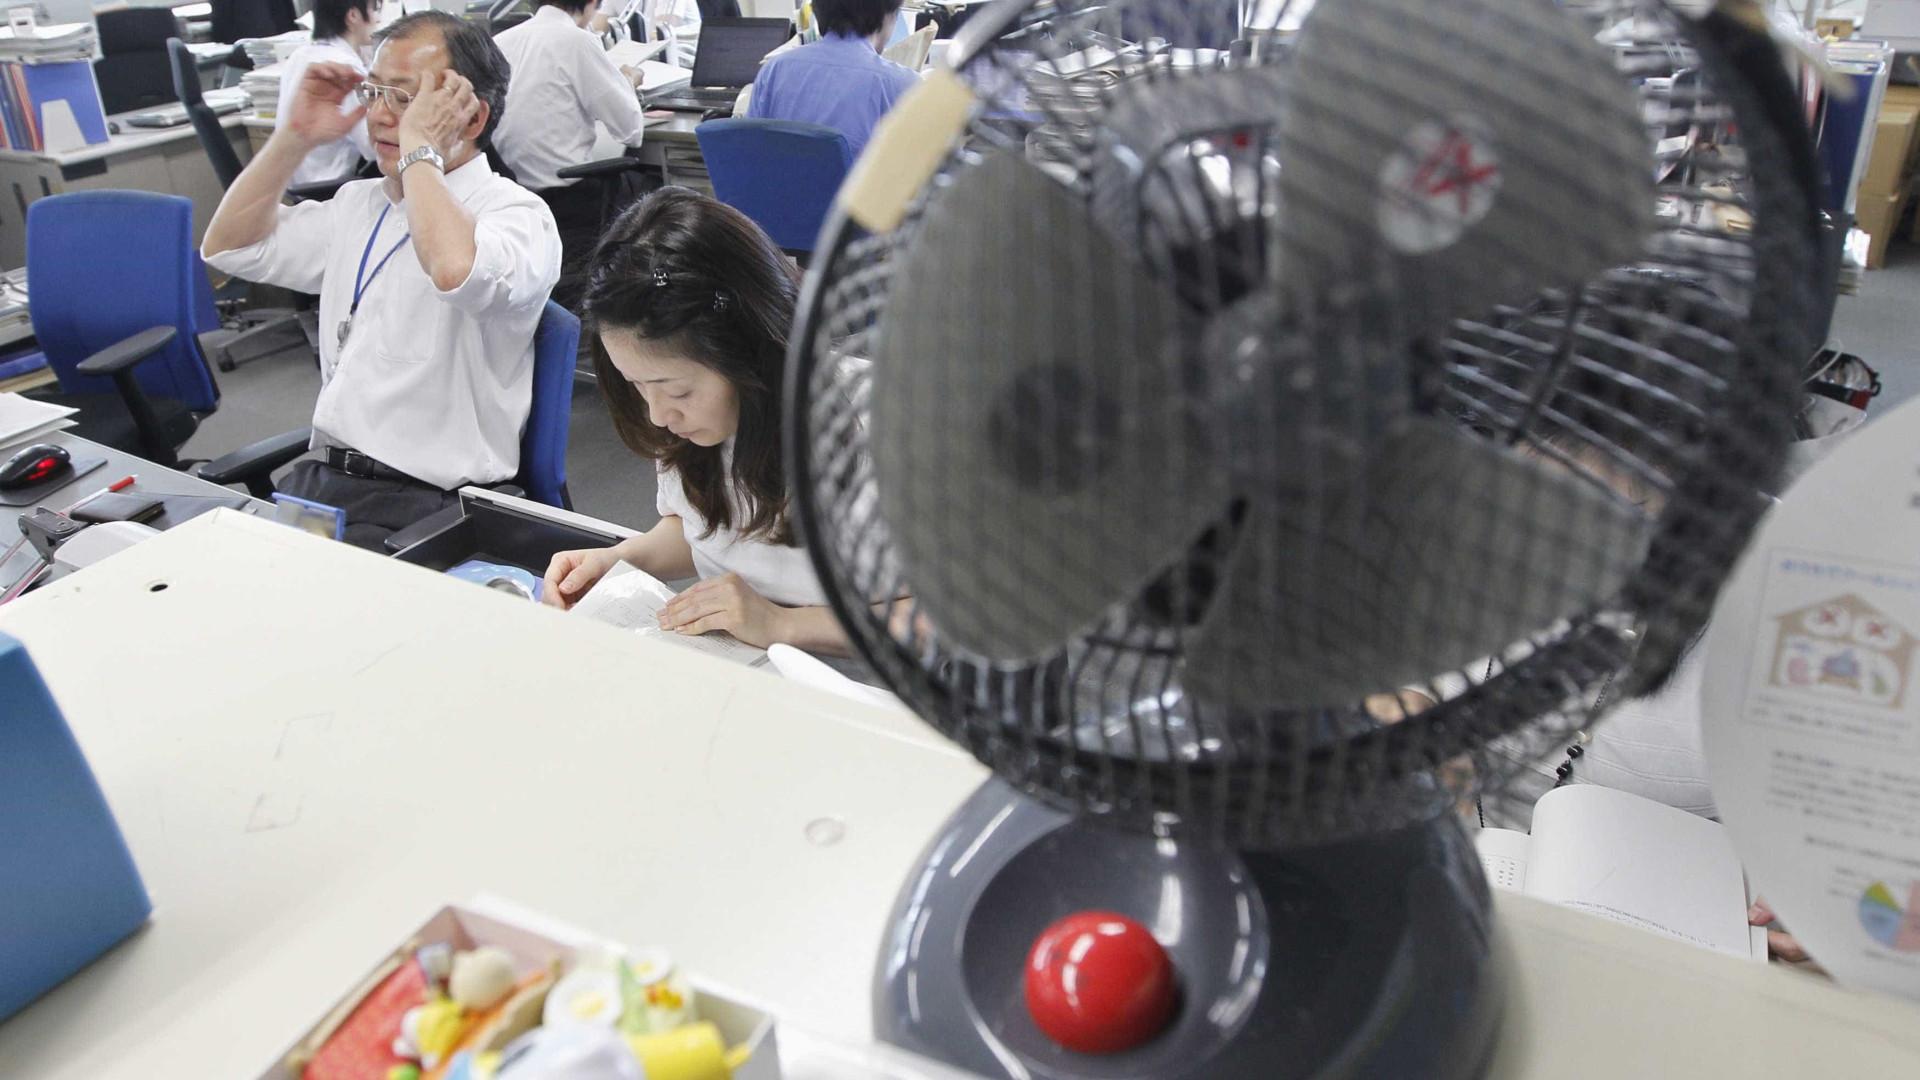 c7a792613 DGS recomenda cuidados para a subida das temperaturas